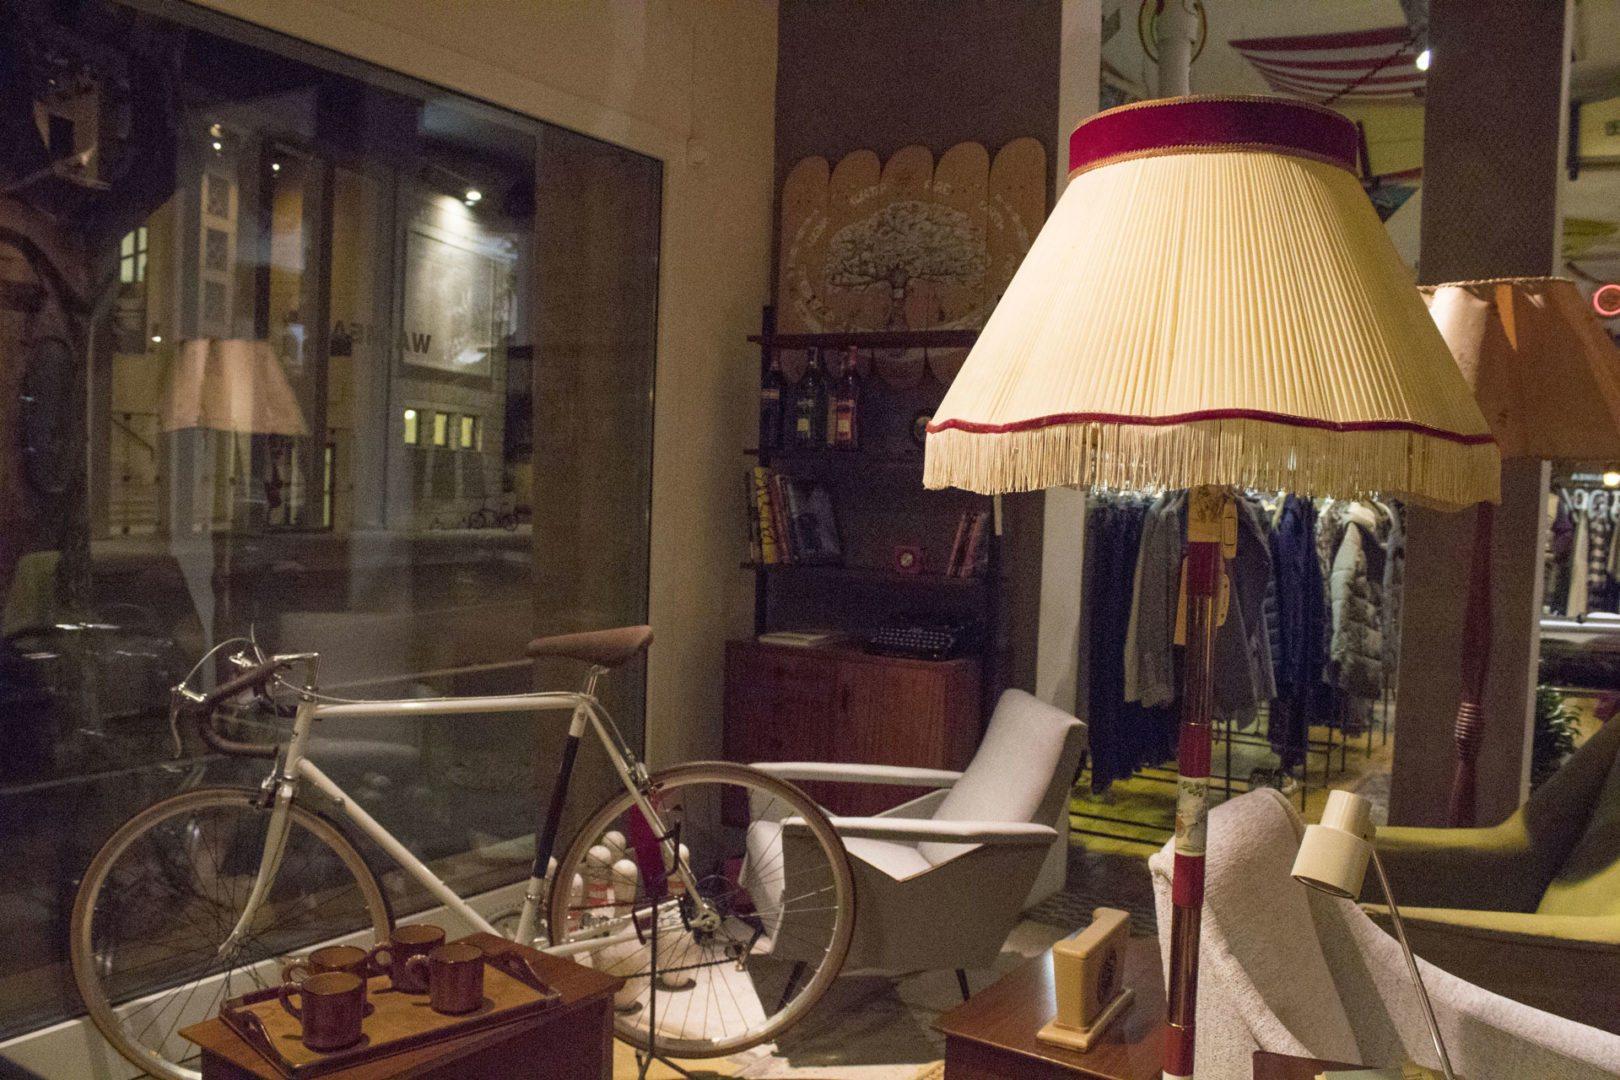 Bicicletta E Arredamento Vintage